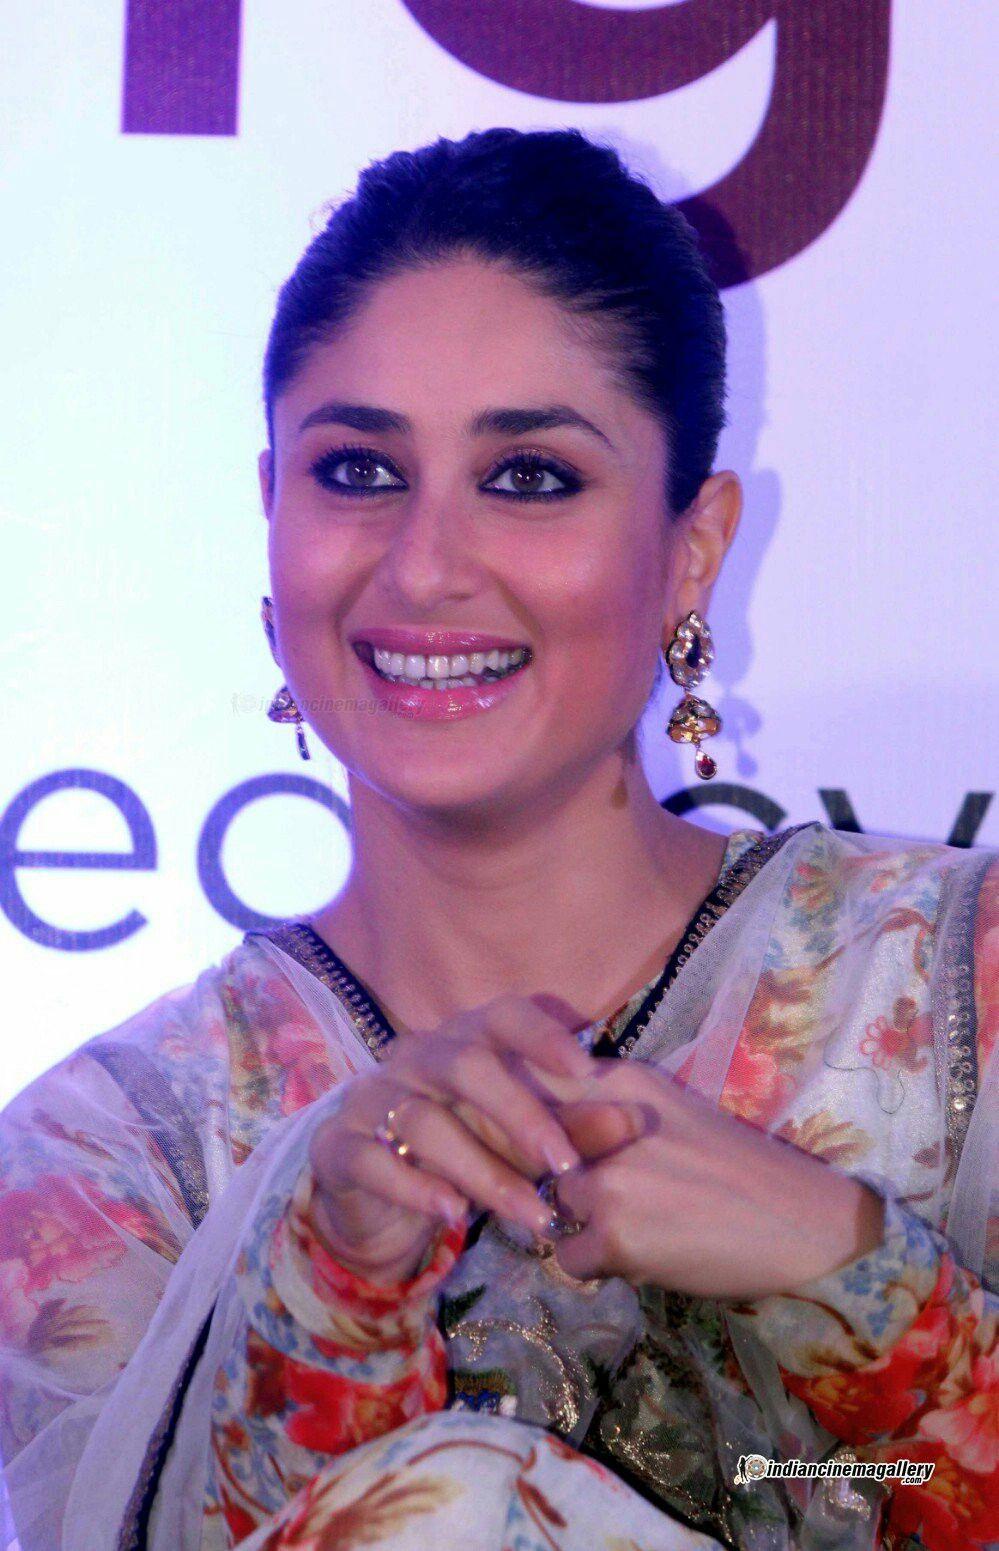 Pin by Sawaranjeet Dhanjal on Beauty | Kareena kapoor khan ...